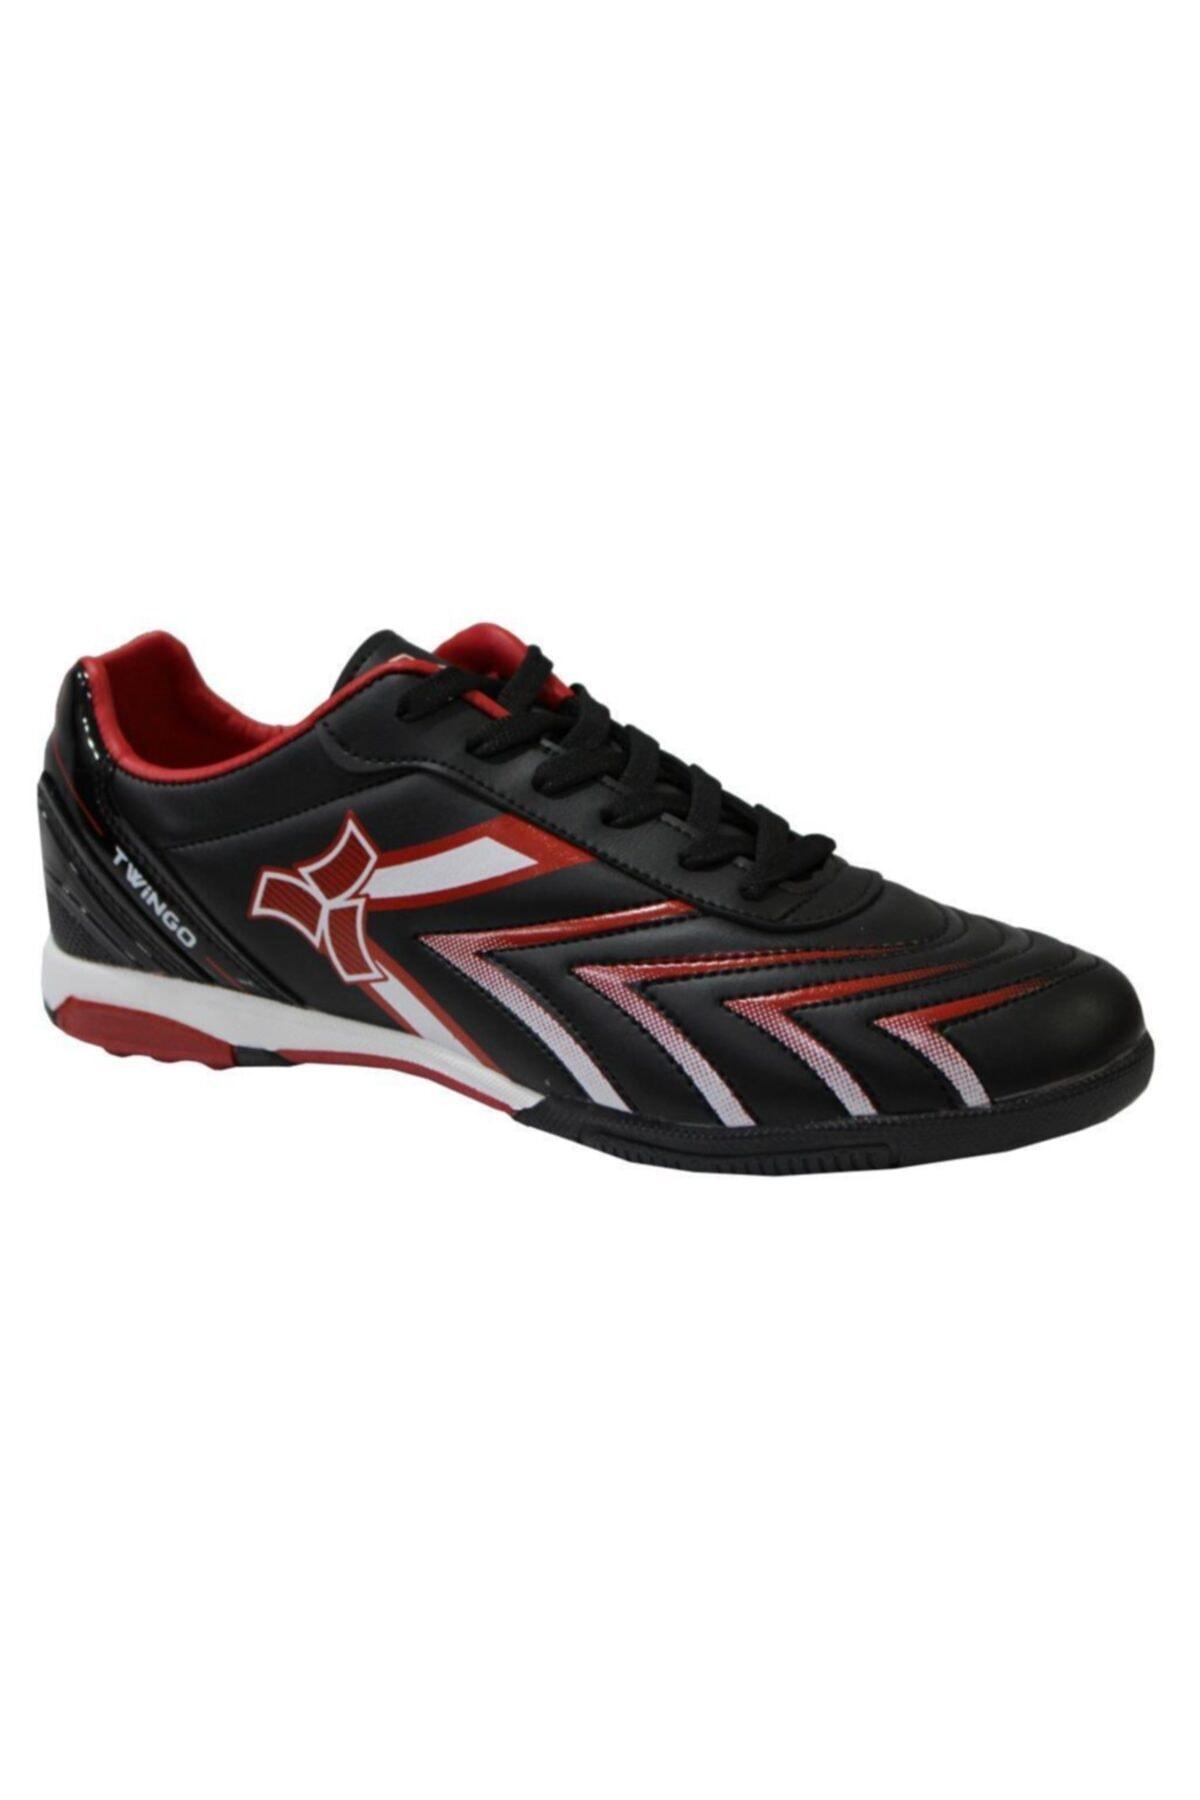 Twingo 0270 Siyah-kırmızı Halı Saha Erkek Futbol Ayakkabı 1